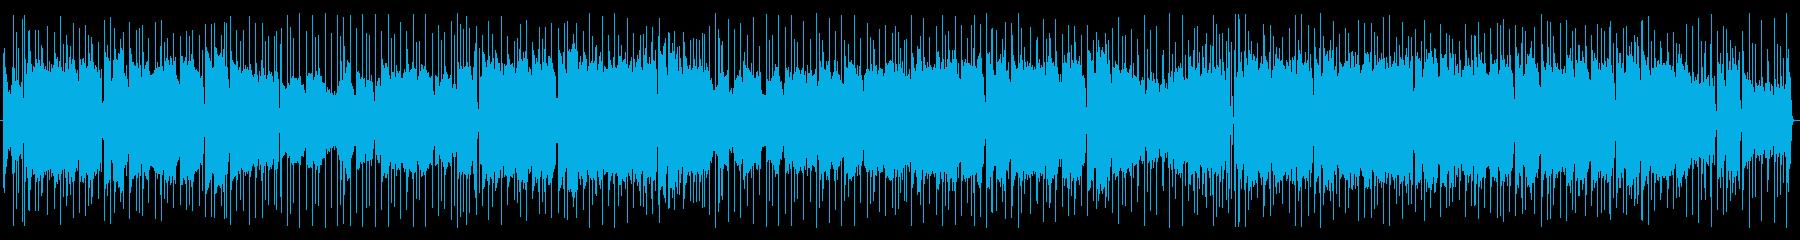 バイオリン 雄大なポップBGMの再生済みの波形